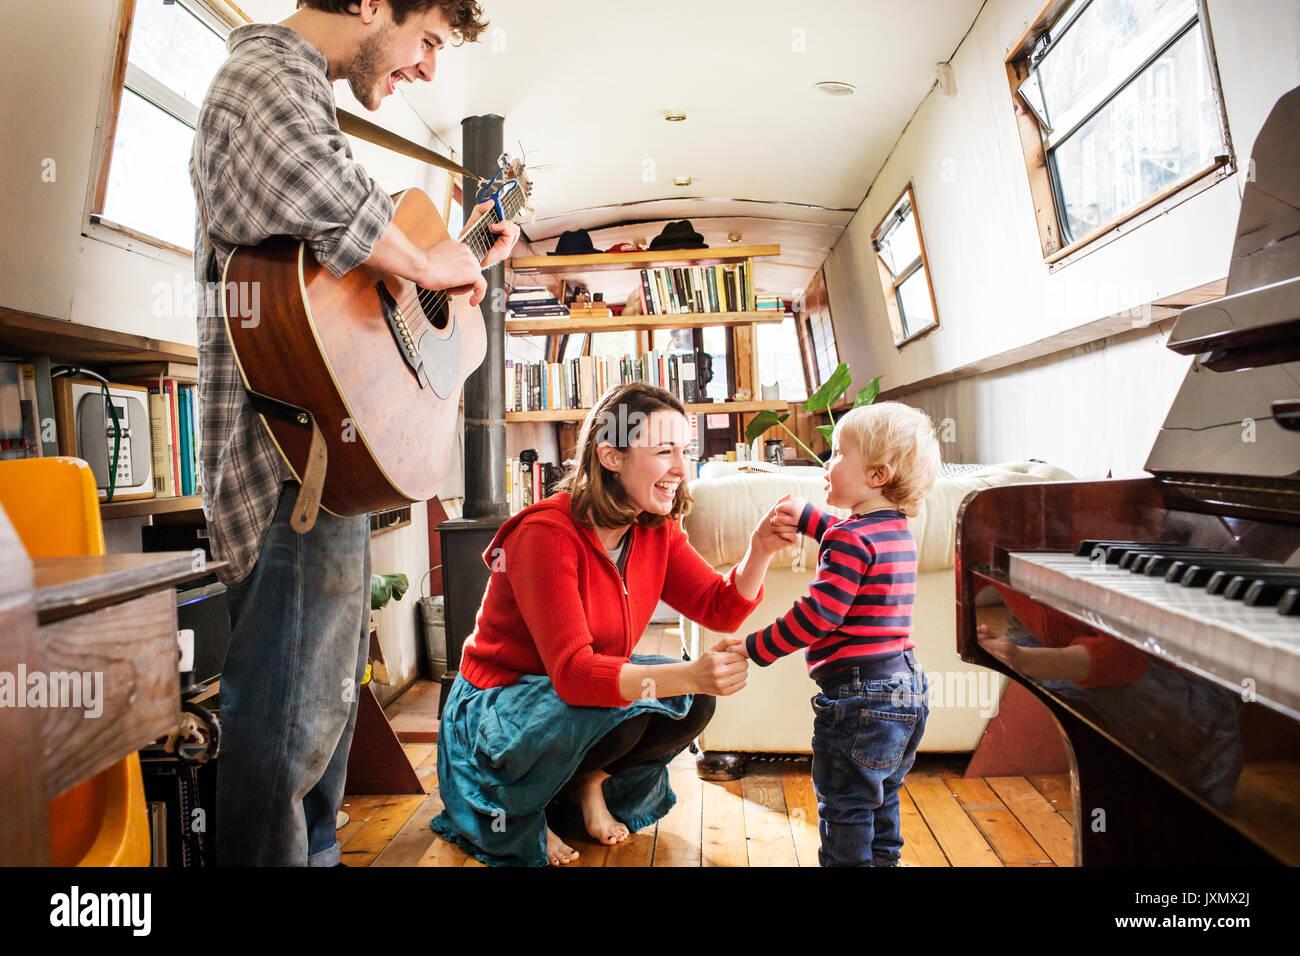 Familia con baby boy viven en barcaza tocando la guitarra y el baile Imagen De Stock